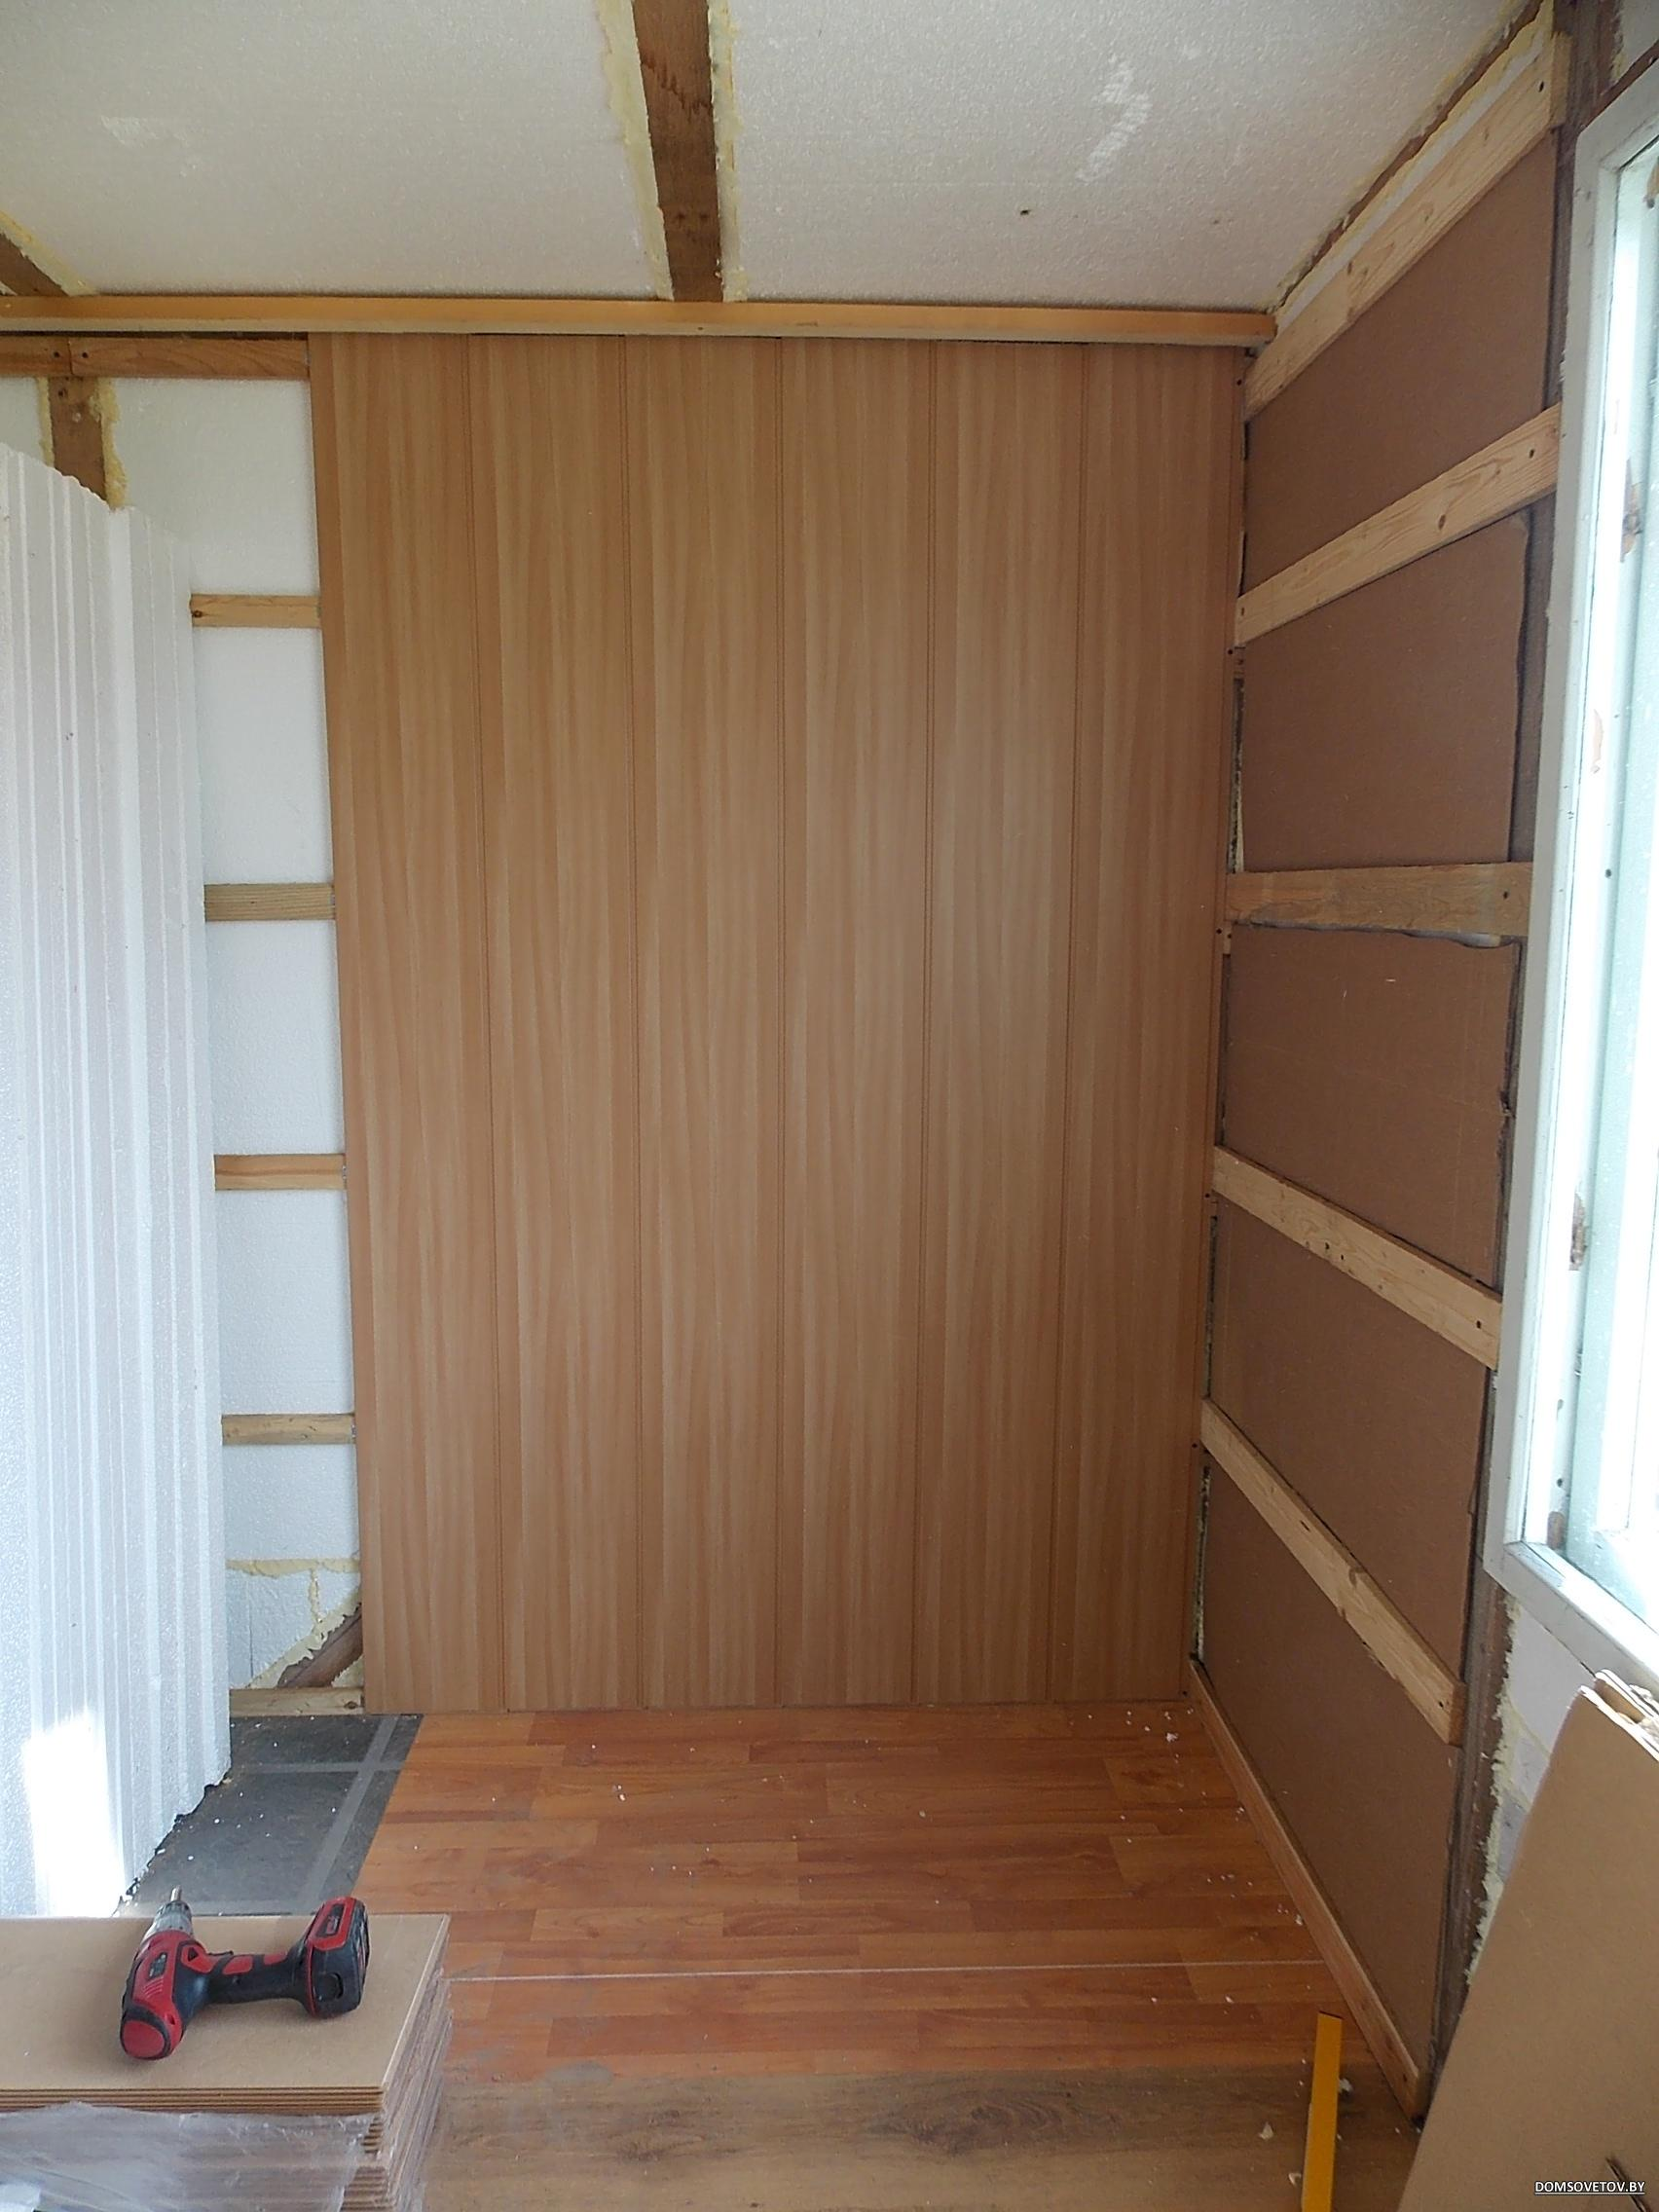 Фото отделки балконов мдф панелями цвет бук.